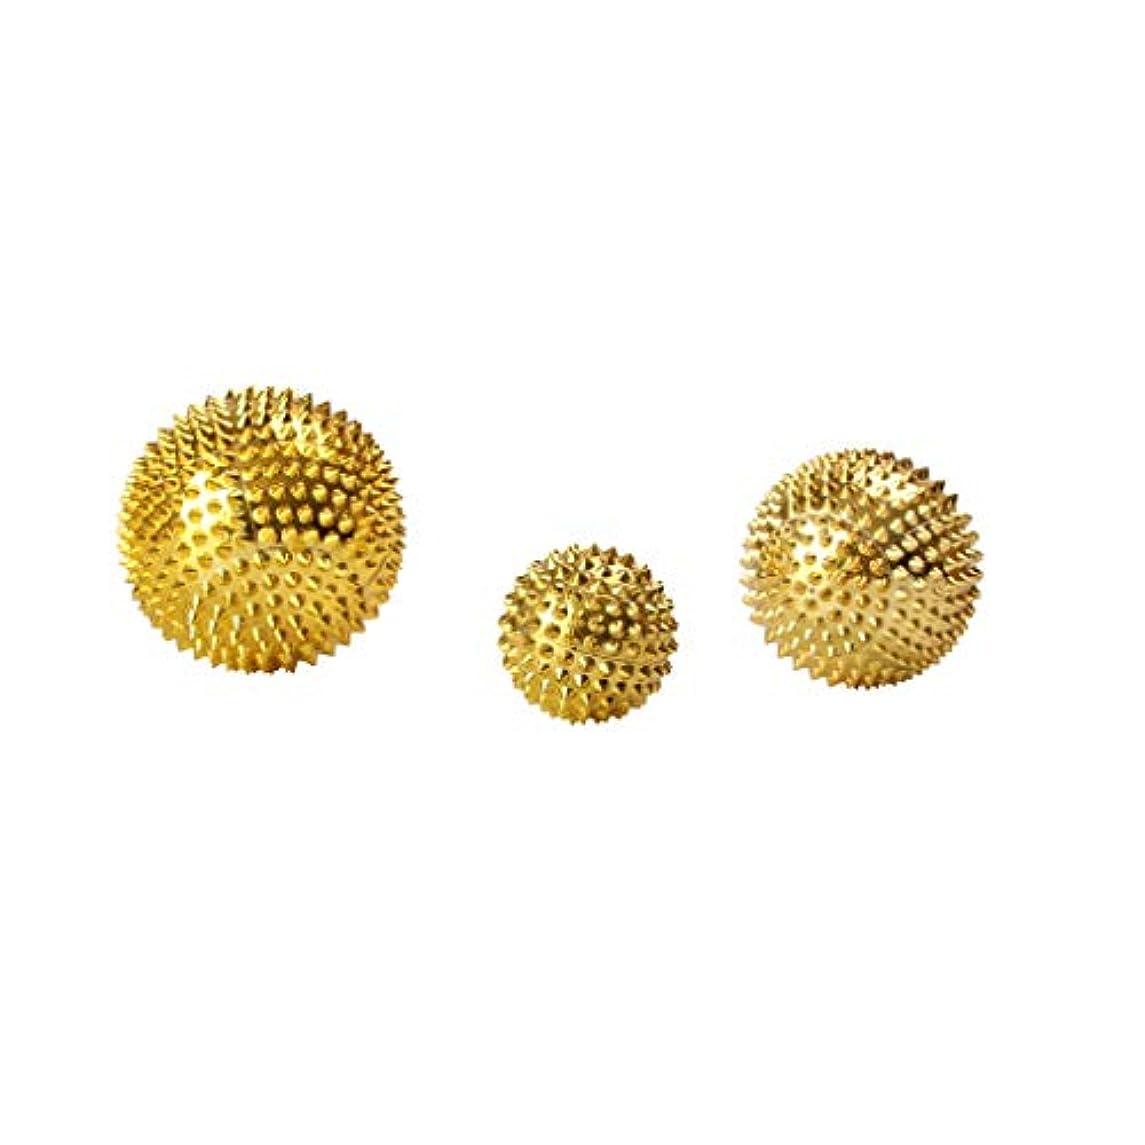 曲判読できないモノグラフFenteer 3個セット 磁気マッサージボール スパイク ローラー マッサージ 2色選べ - ゴールド